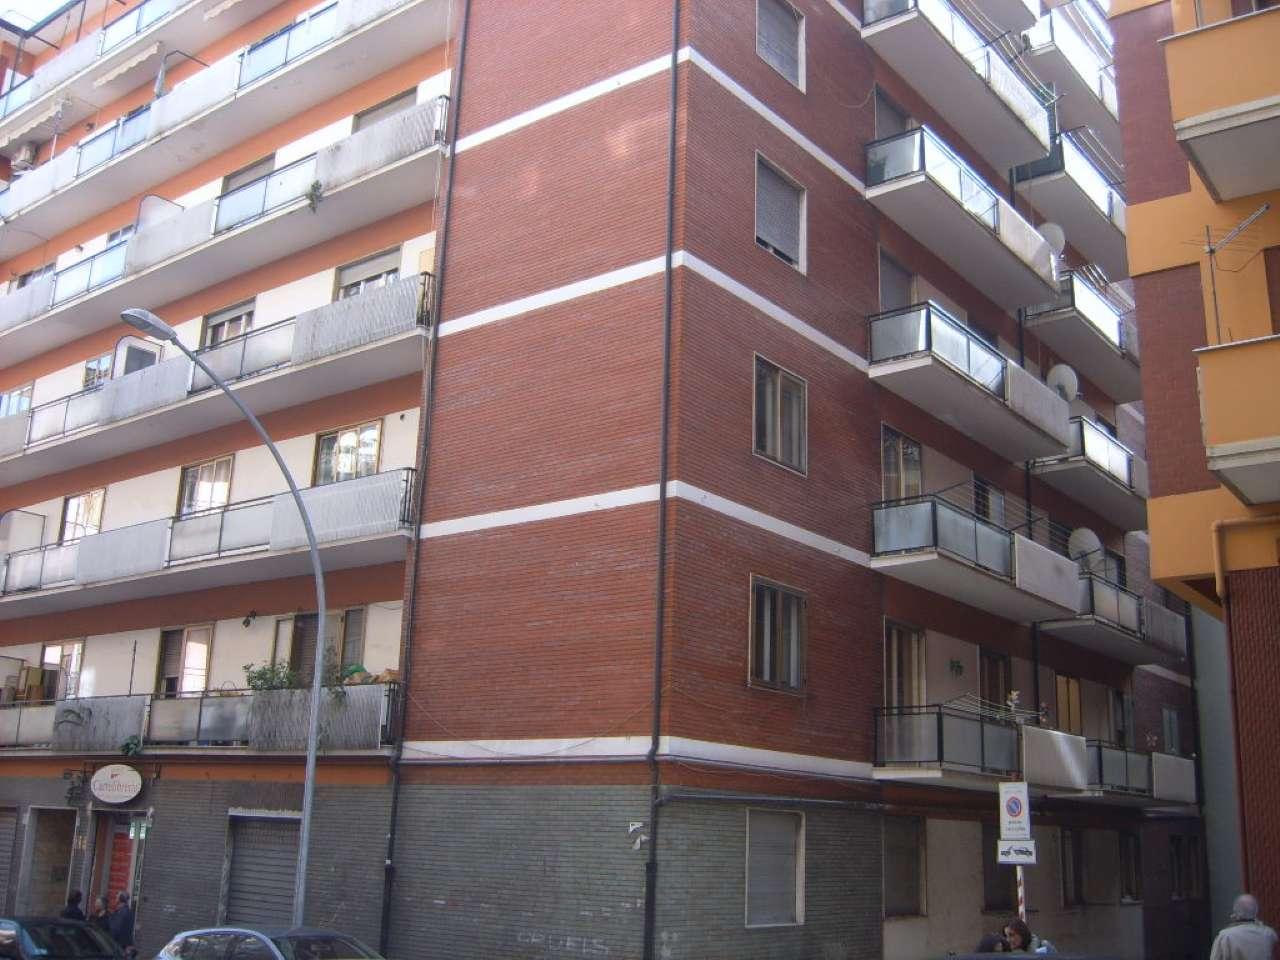 Negozio / Locale in affitto a Avellino, 1 locali, prezzo € 700 | Cambio Casa.it